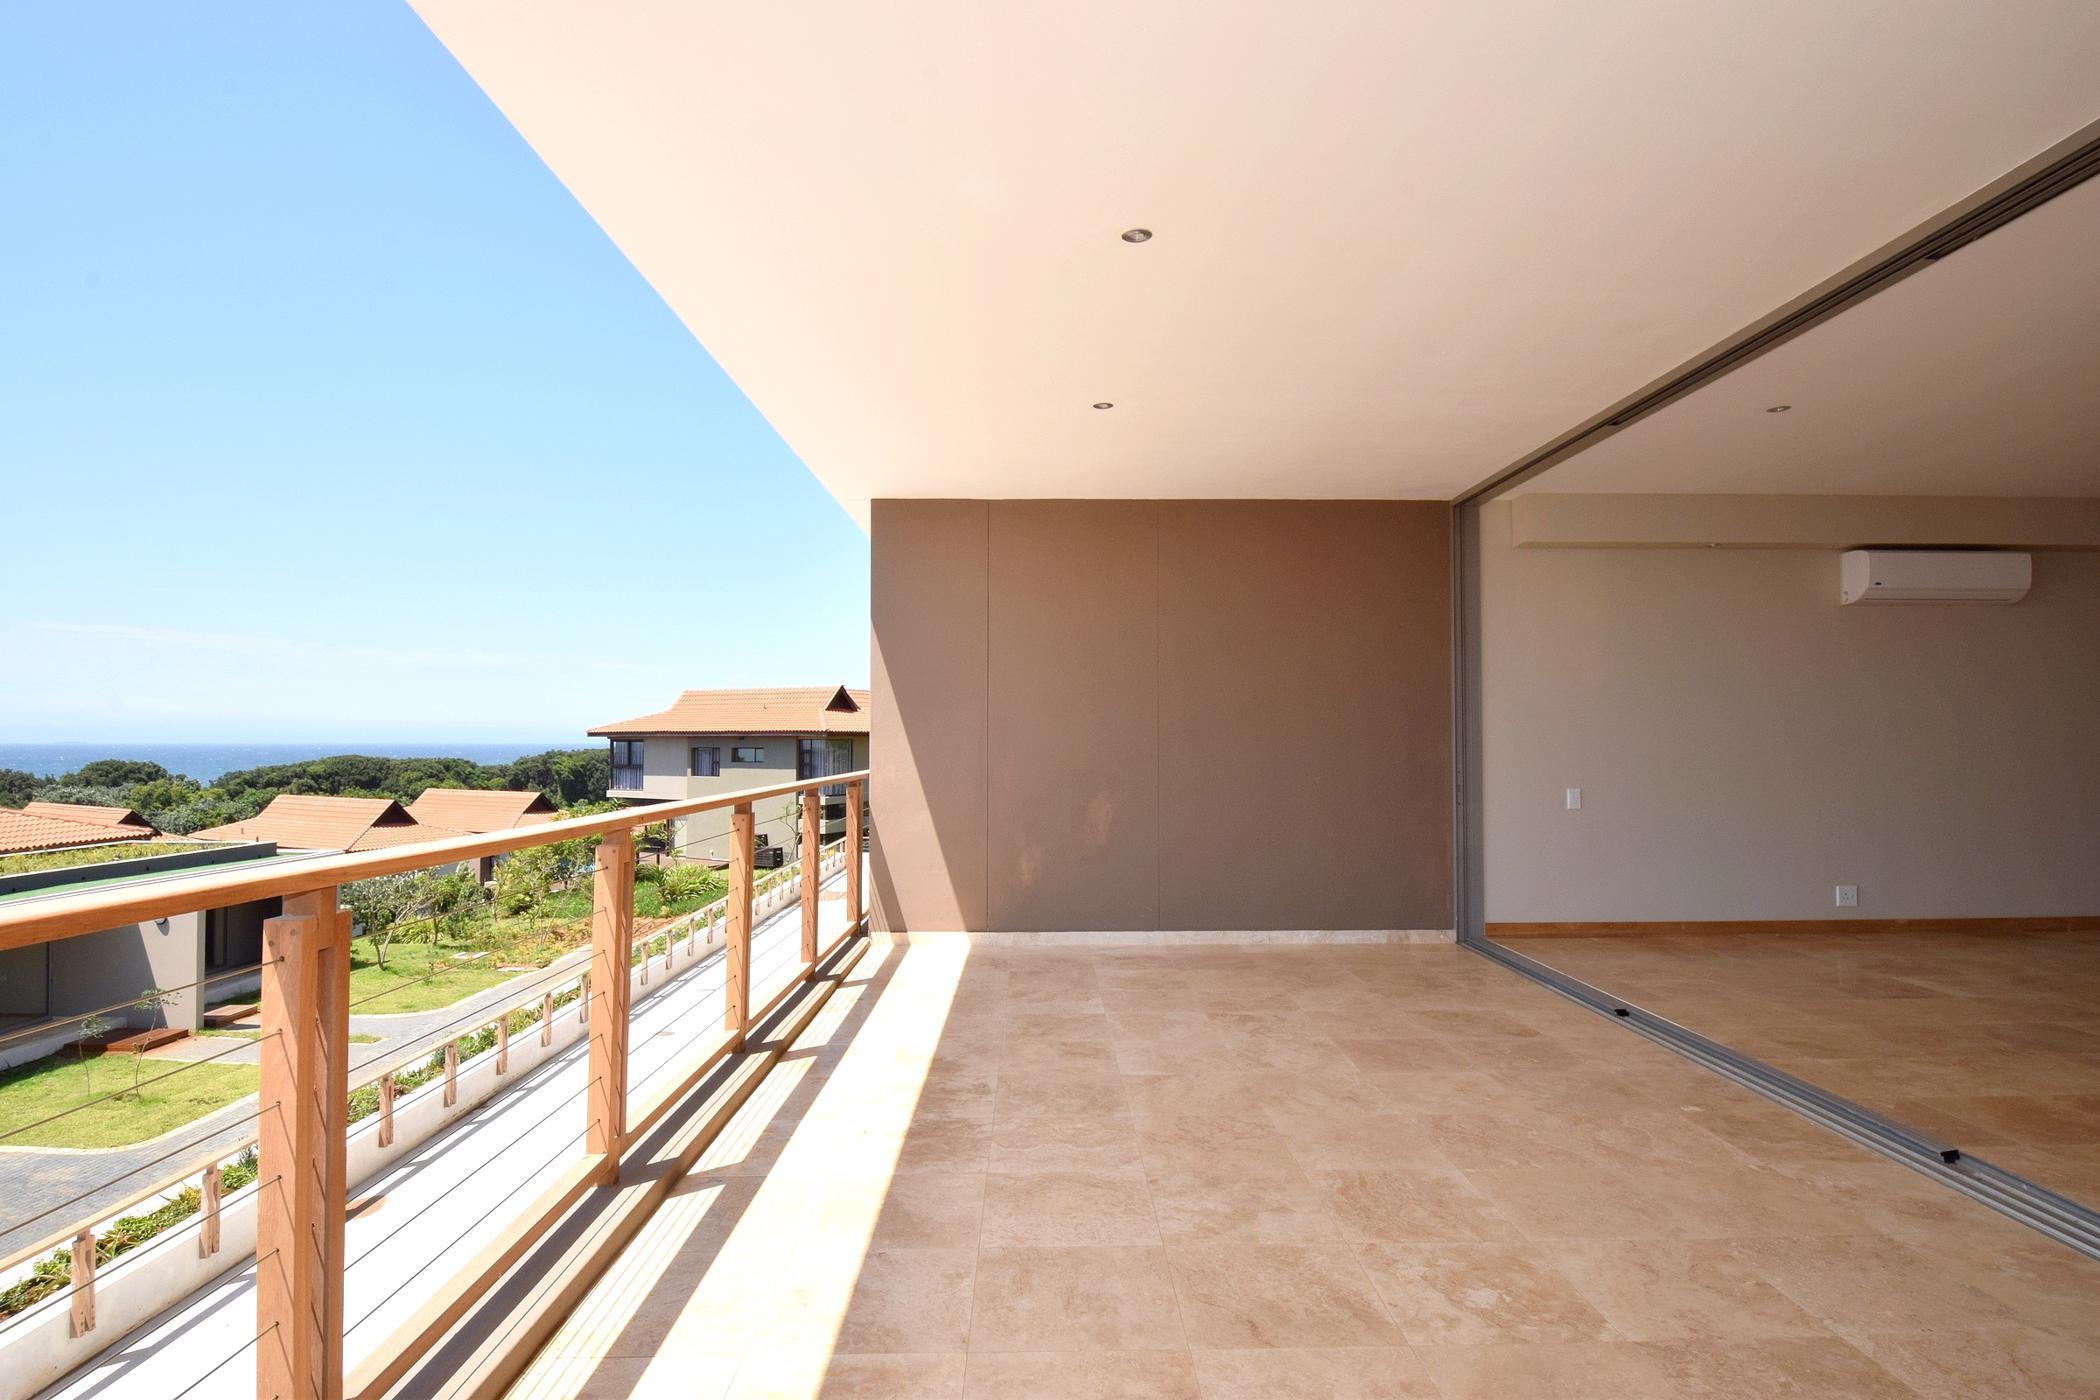 3 bedroom townhouse for sale in Zimbali Coastal Resort